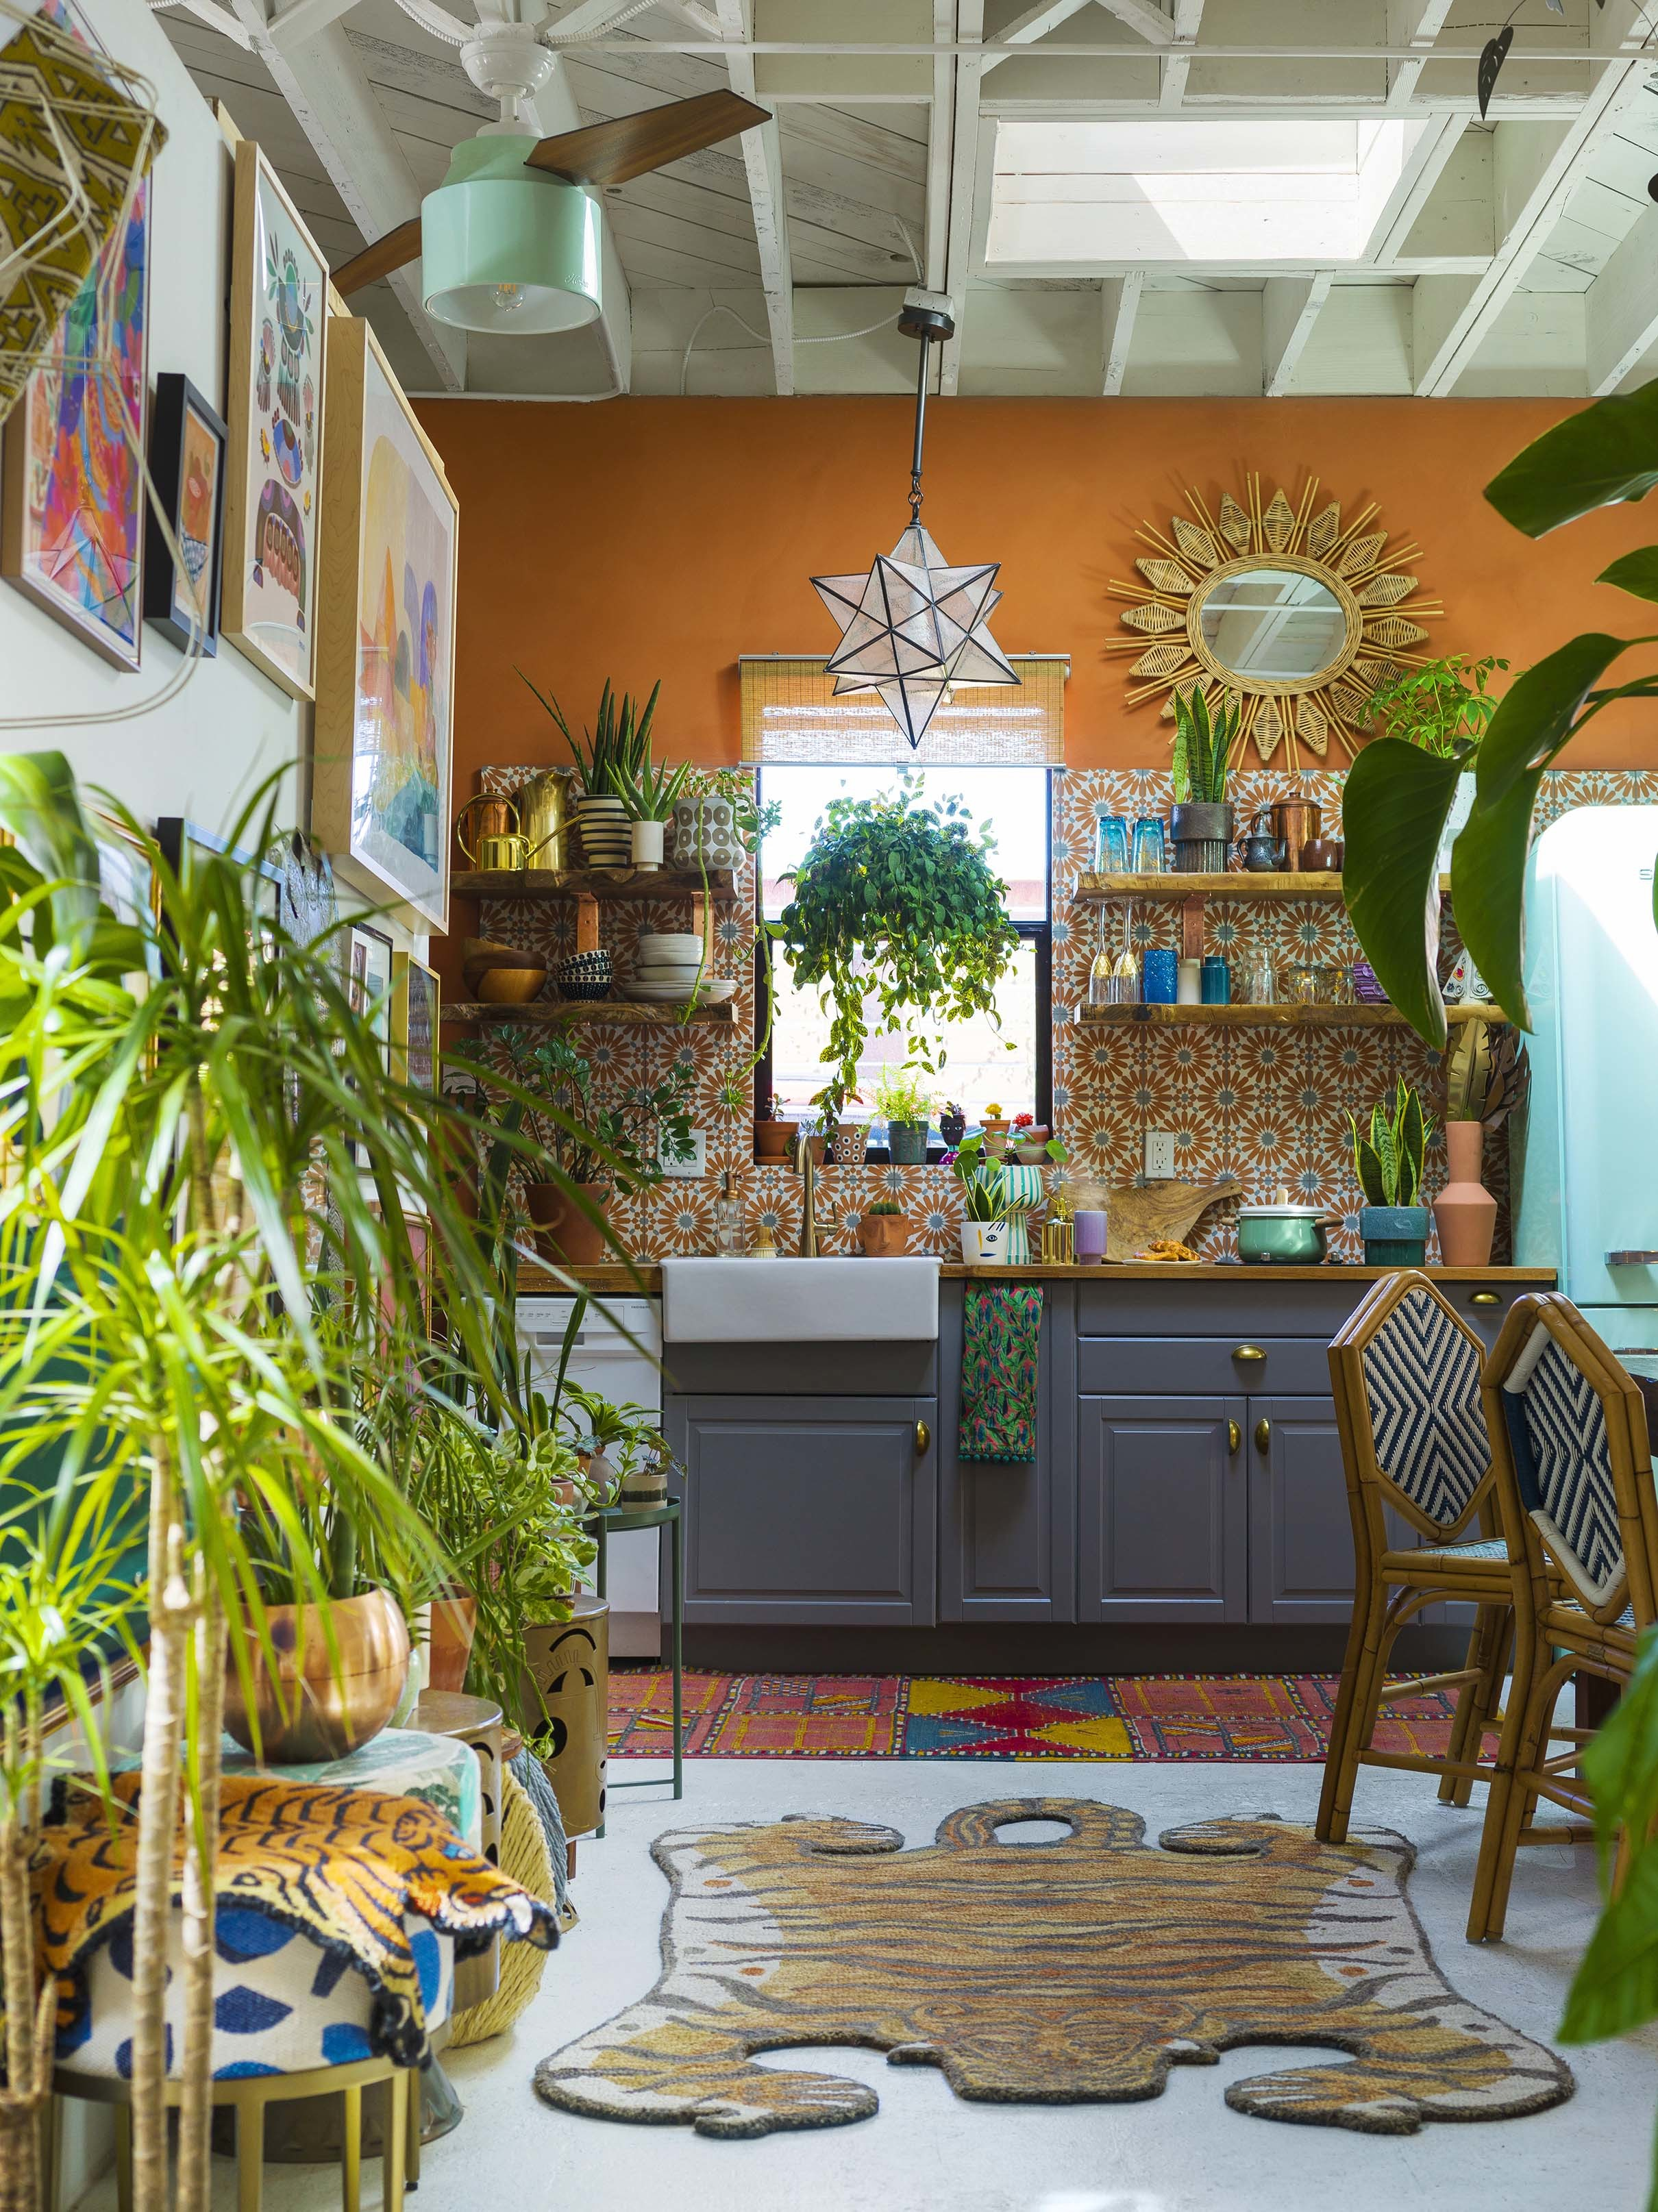 Kitchen orange teal skylight plants